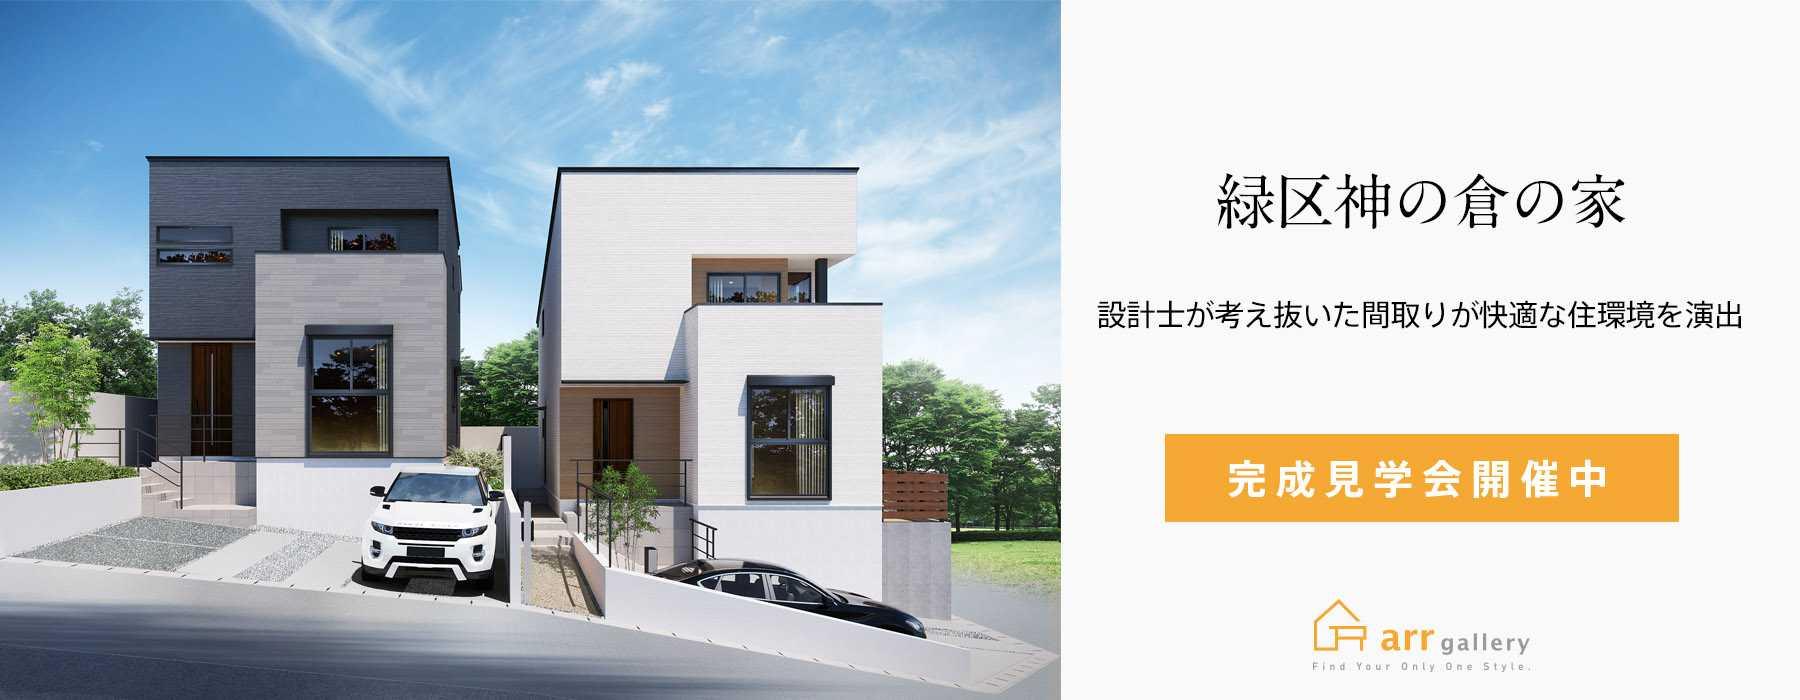 緑区神の倉の家